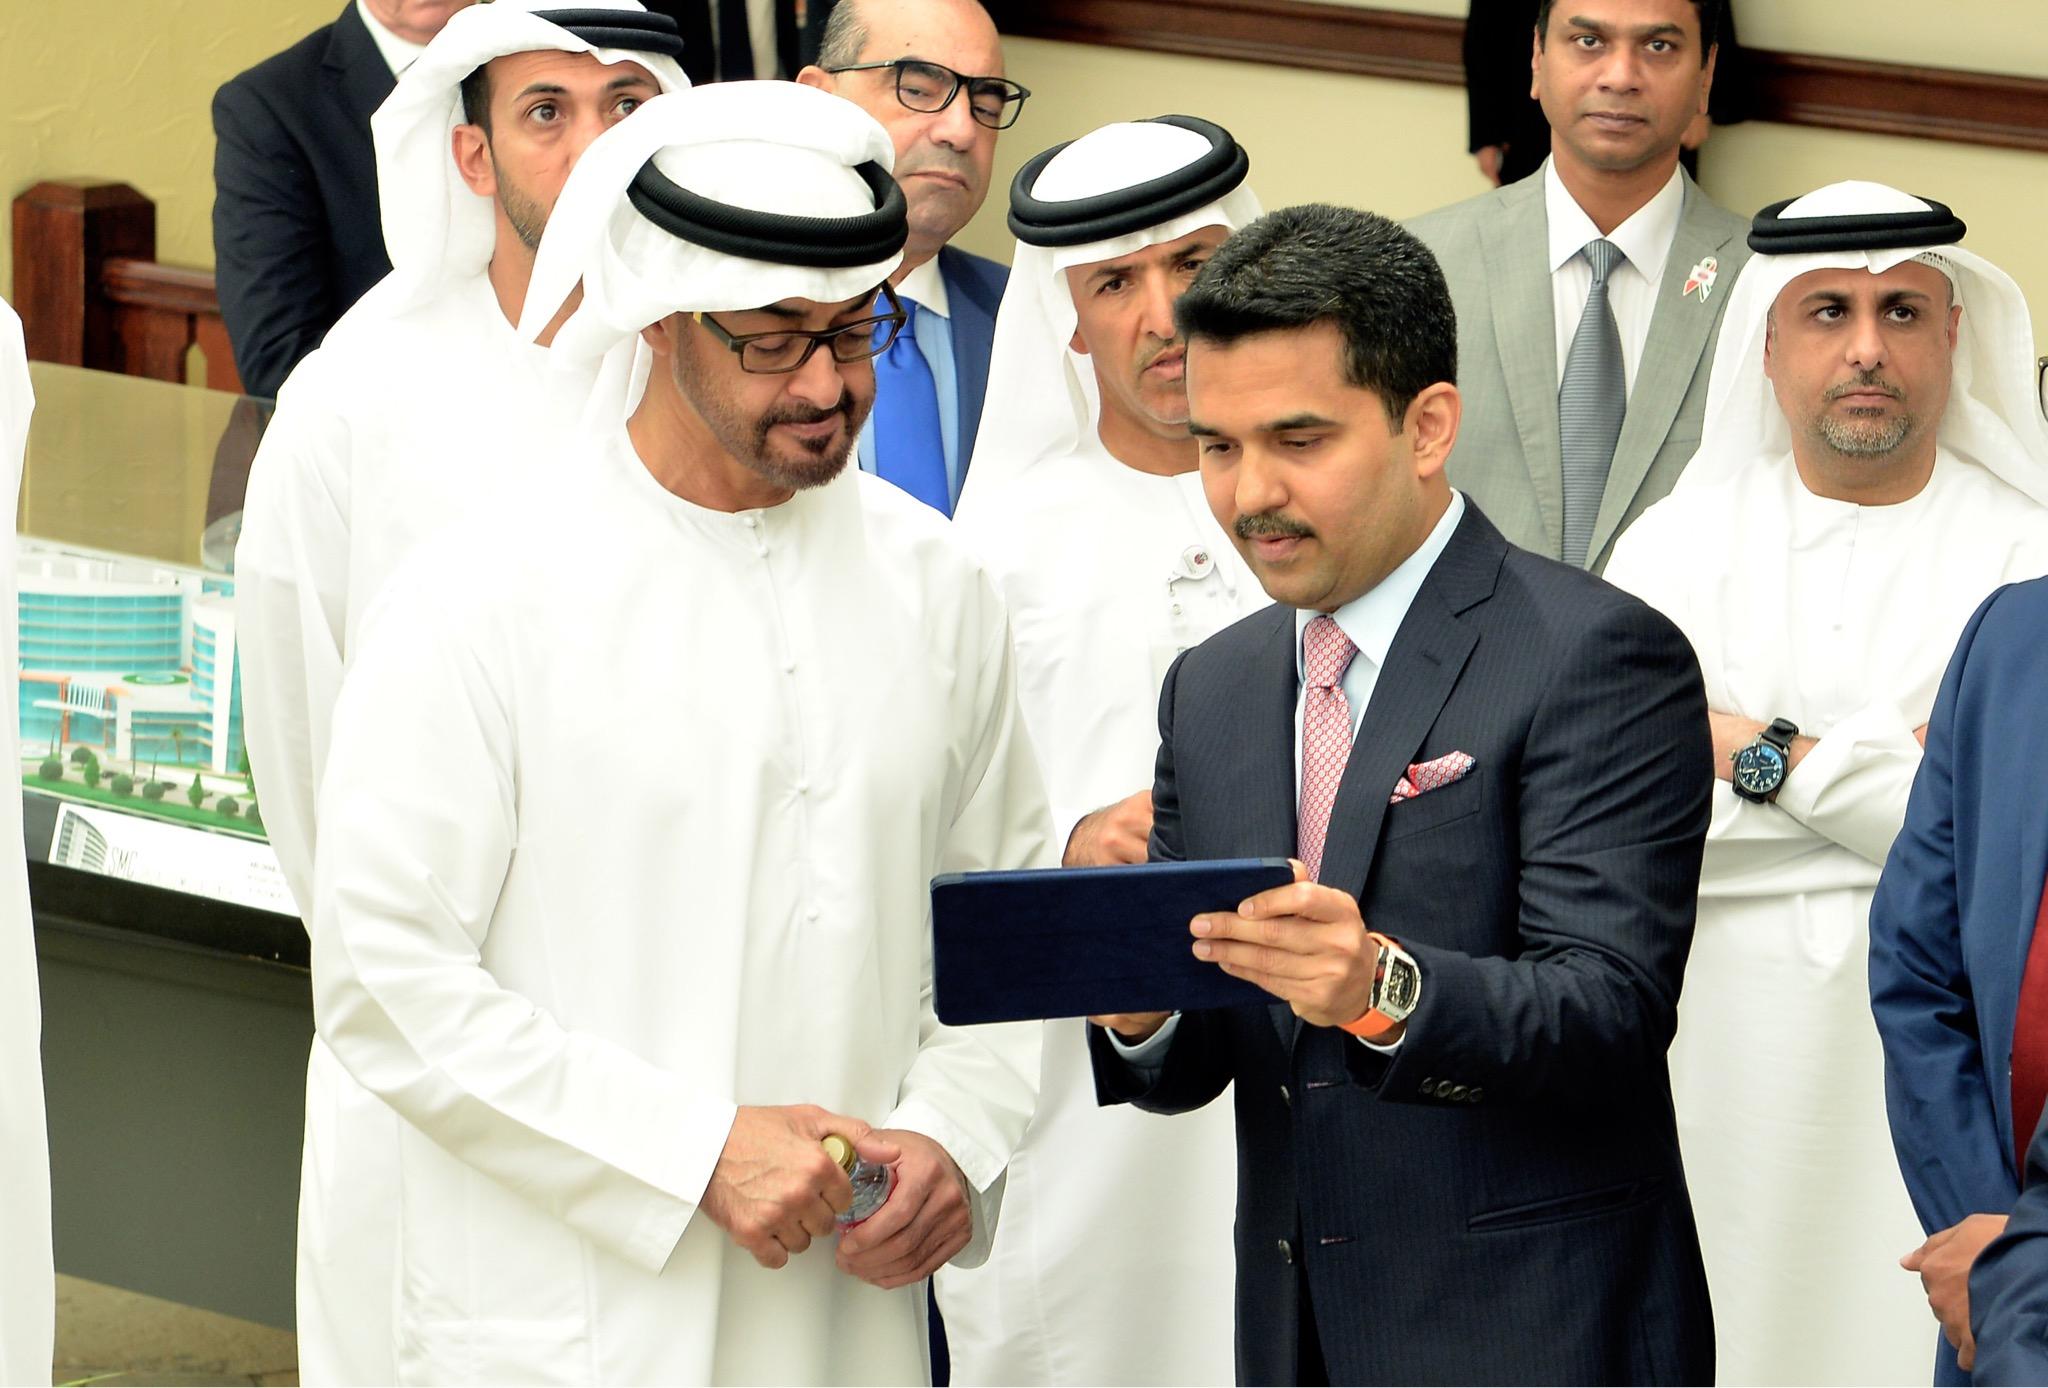 Jobs in dubai Dubai Jobs UAE JobsRecruitment